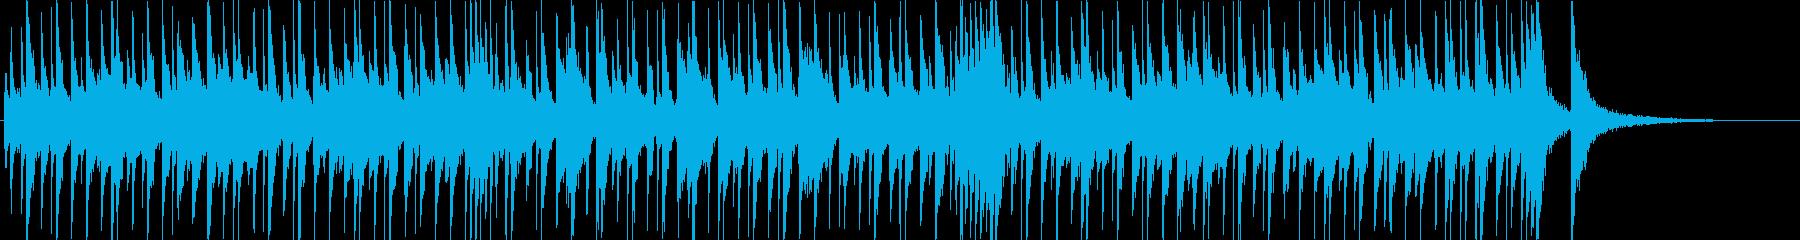 ほのぼのとした口笛風のBGMの再生済みの波形